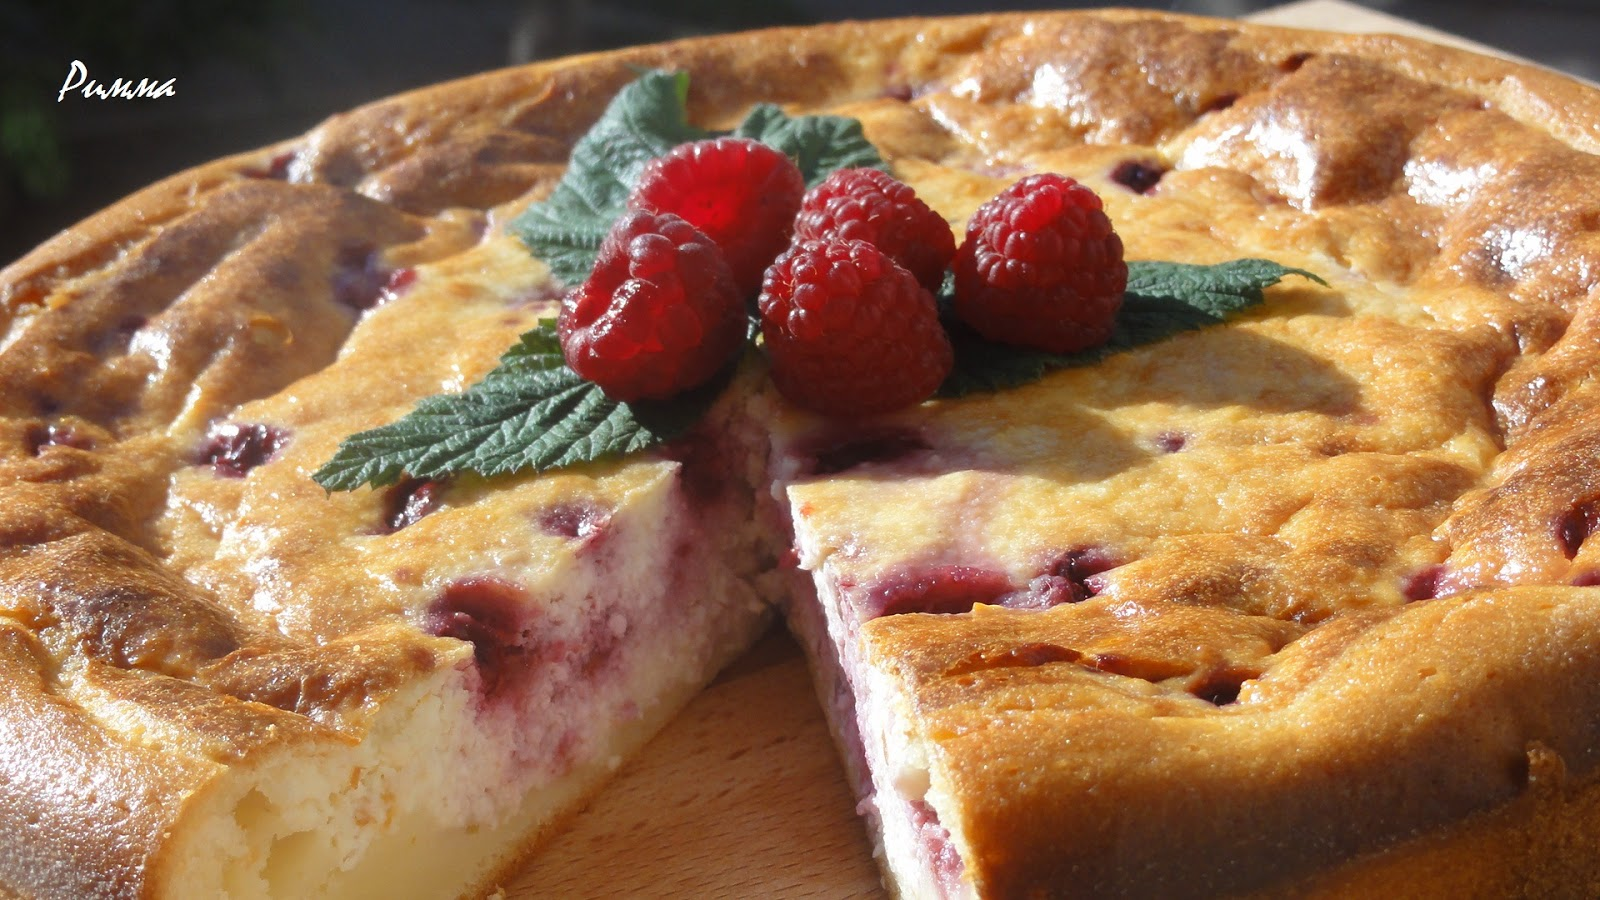 Пирожки с клубникой в духовке пошаговый рецепт